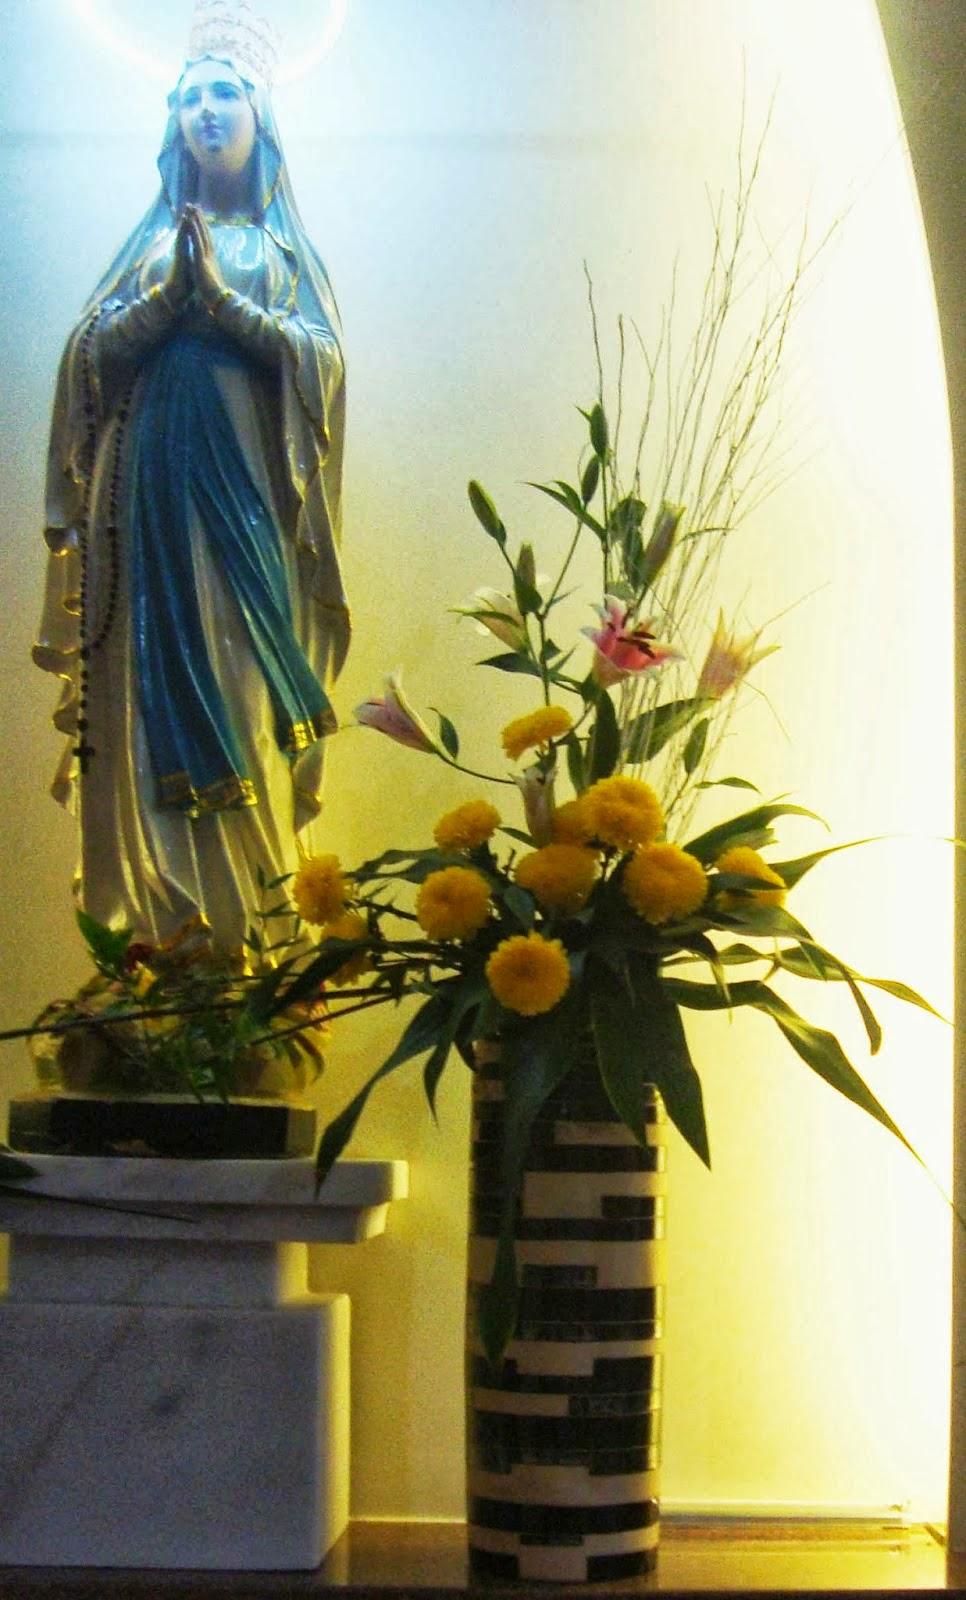 Một số mẫu cắm hoa trên bàn thờ Đức Mẹ, Nghệ thuật cắm hoa nhà thờ, Cắm hoa phụng vụ, cắm hoa nhà thờ đẹp, cắm hoa nghệ thuật, cắm hoa theo mùa phụng vụ